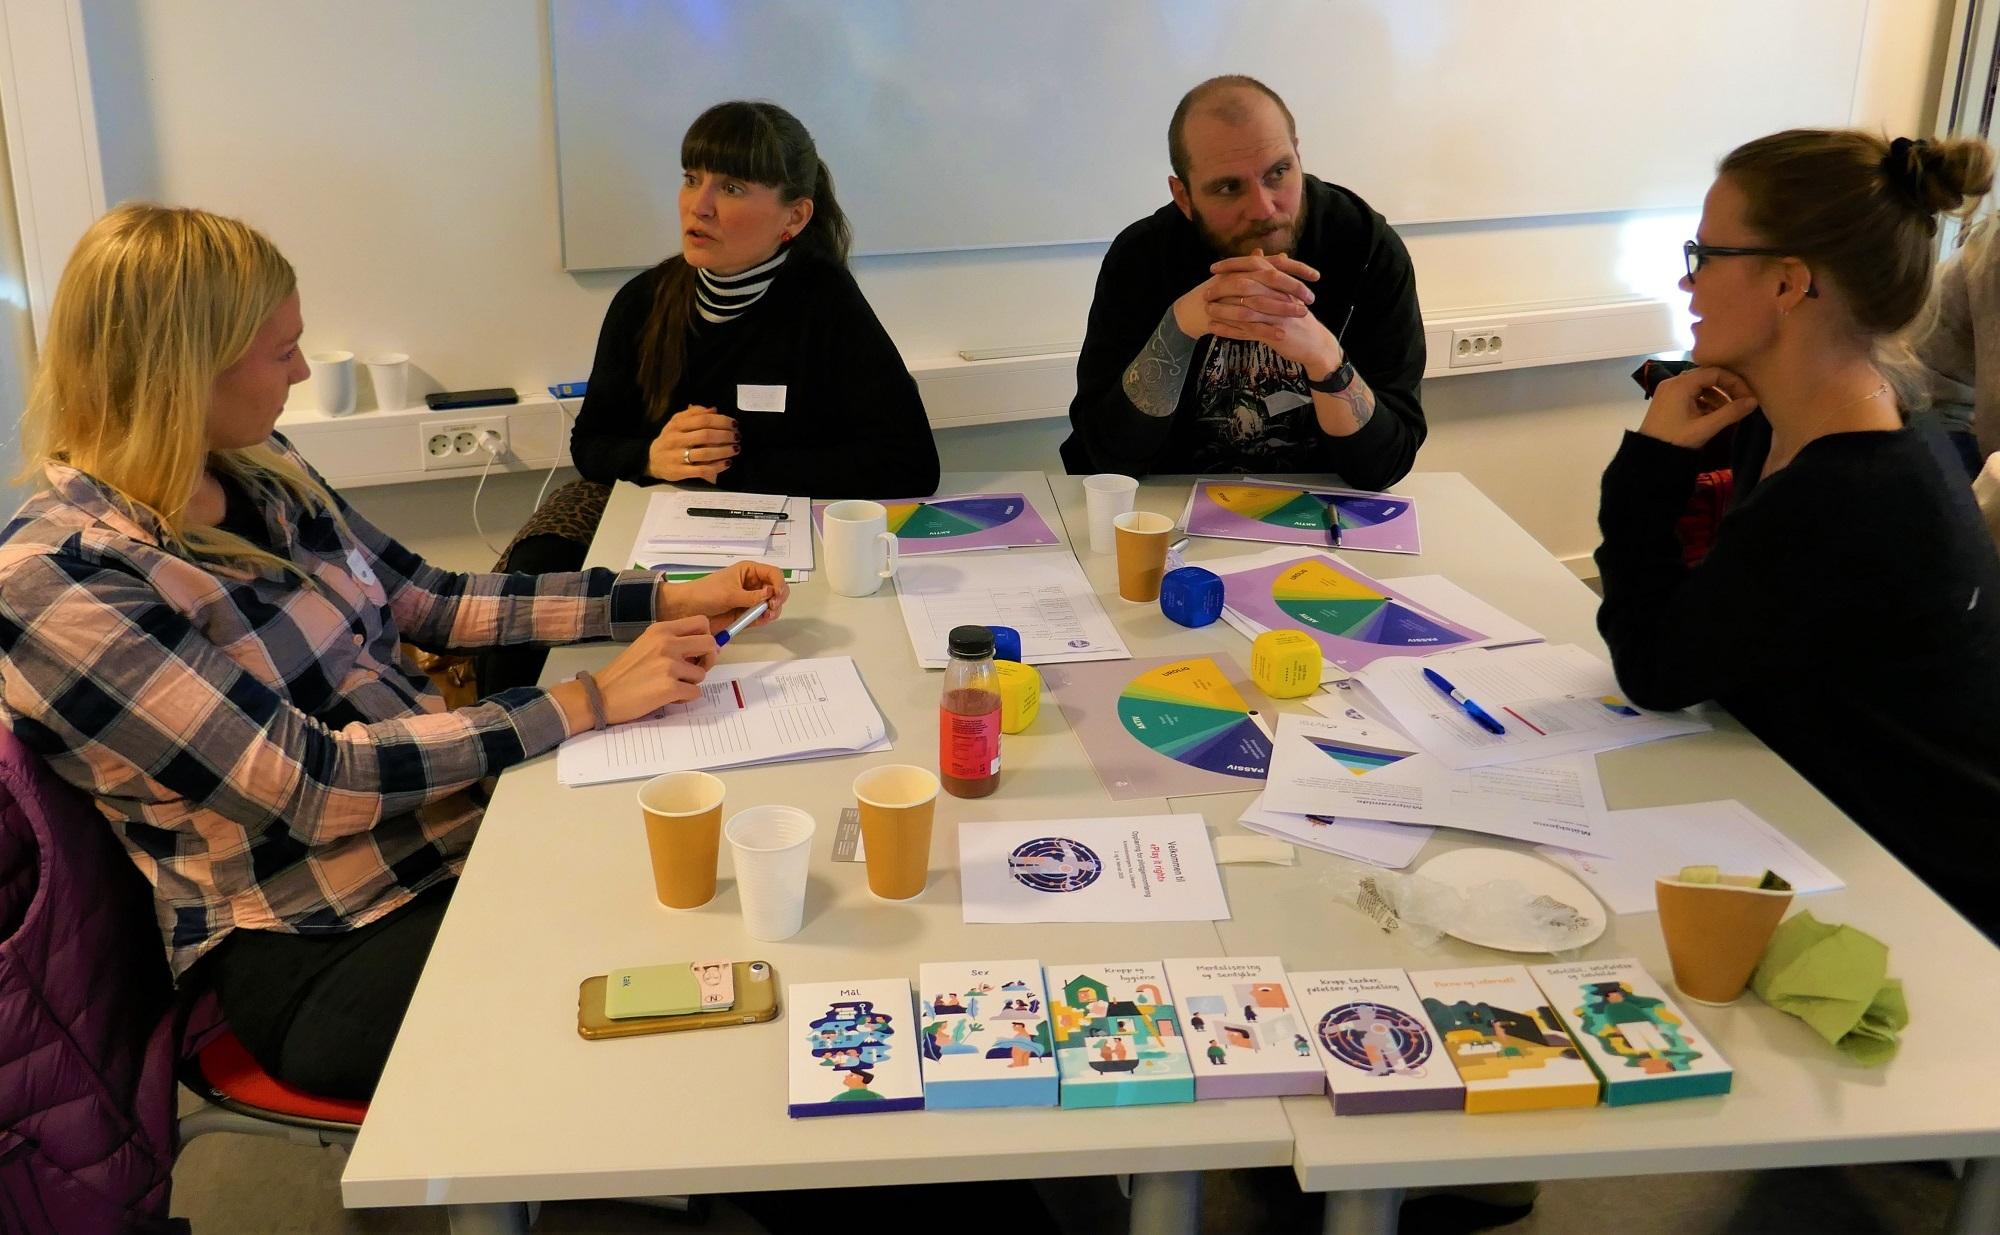 Deltagere jobber med gruppeoppgaver. Bilde